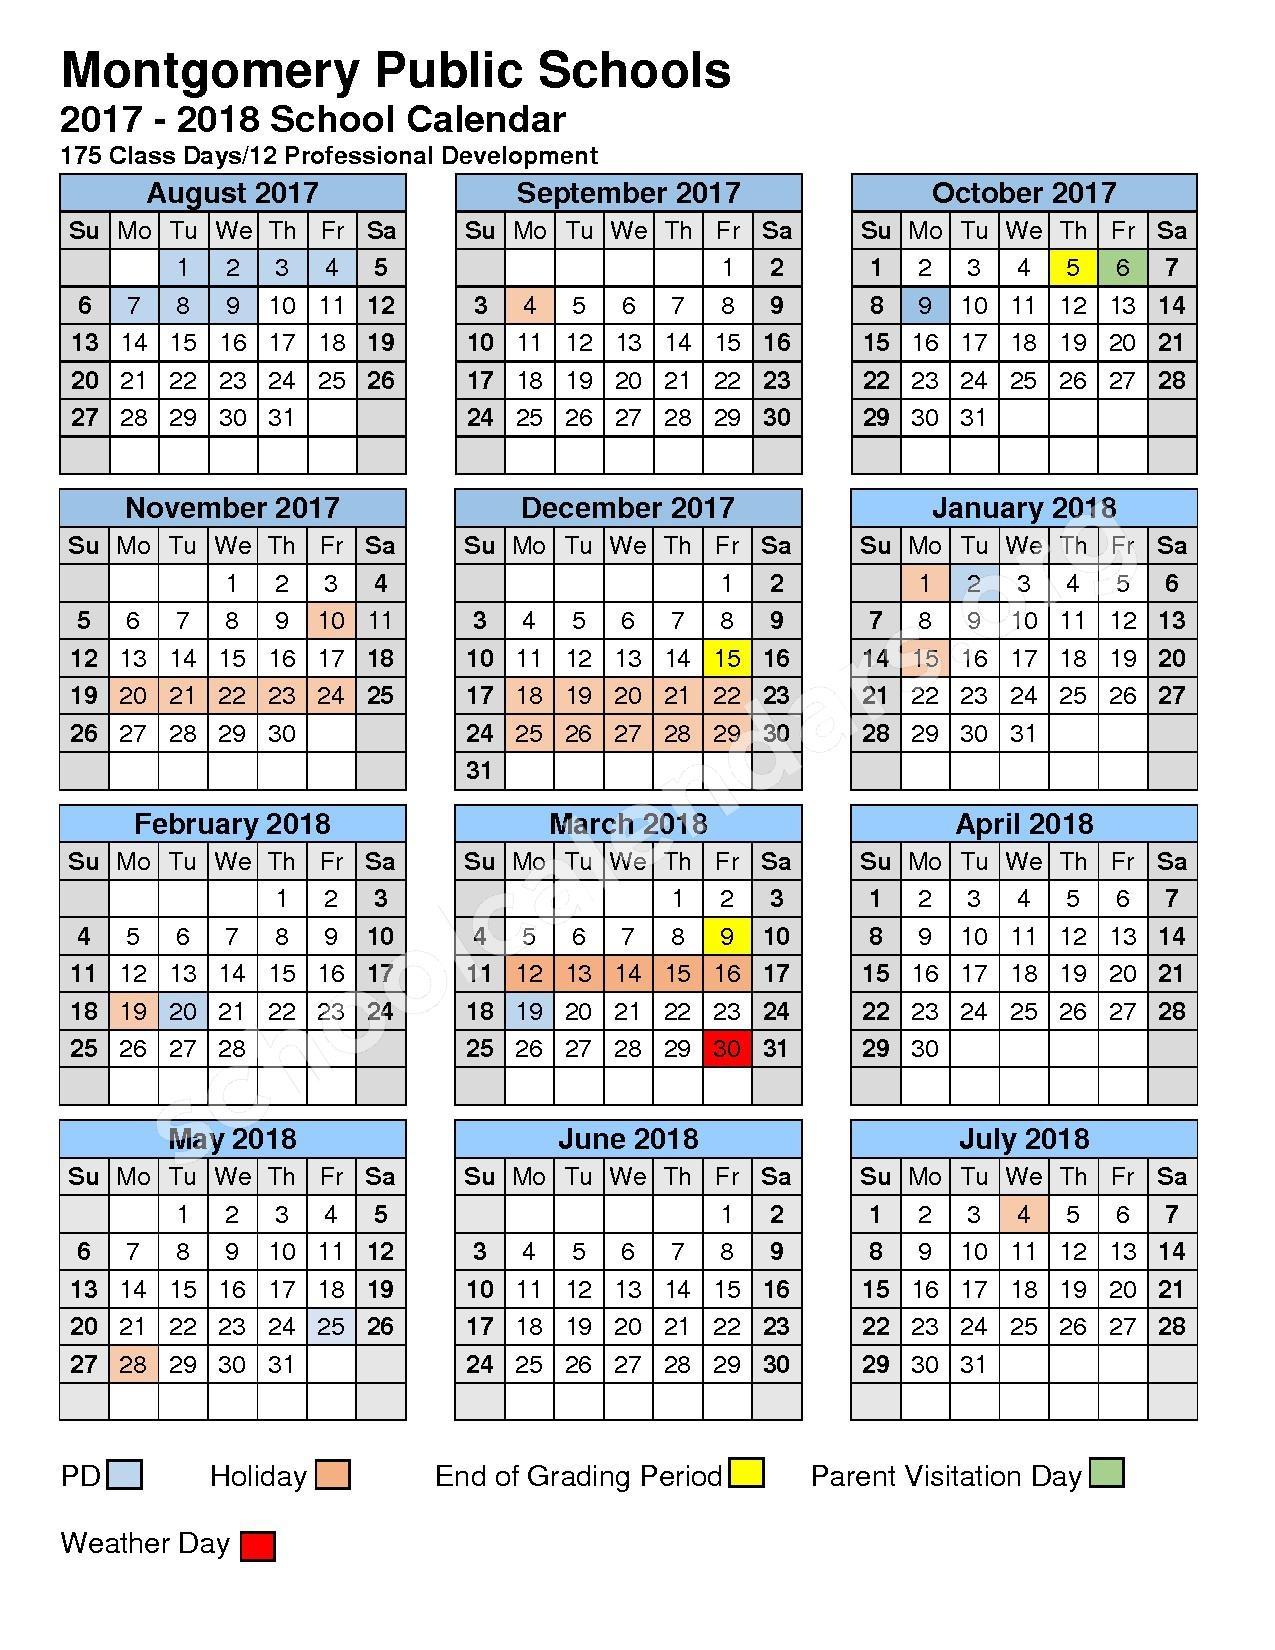 Montgomery County Public School Calendar